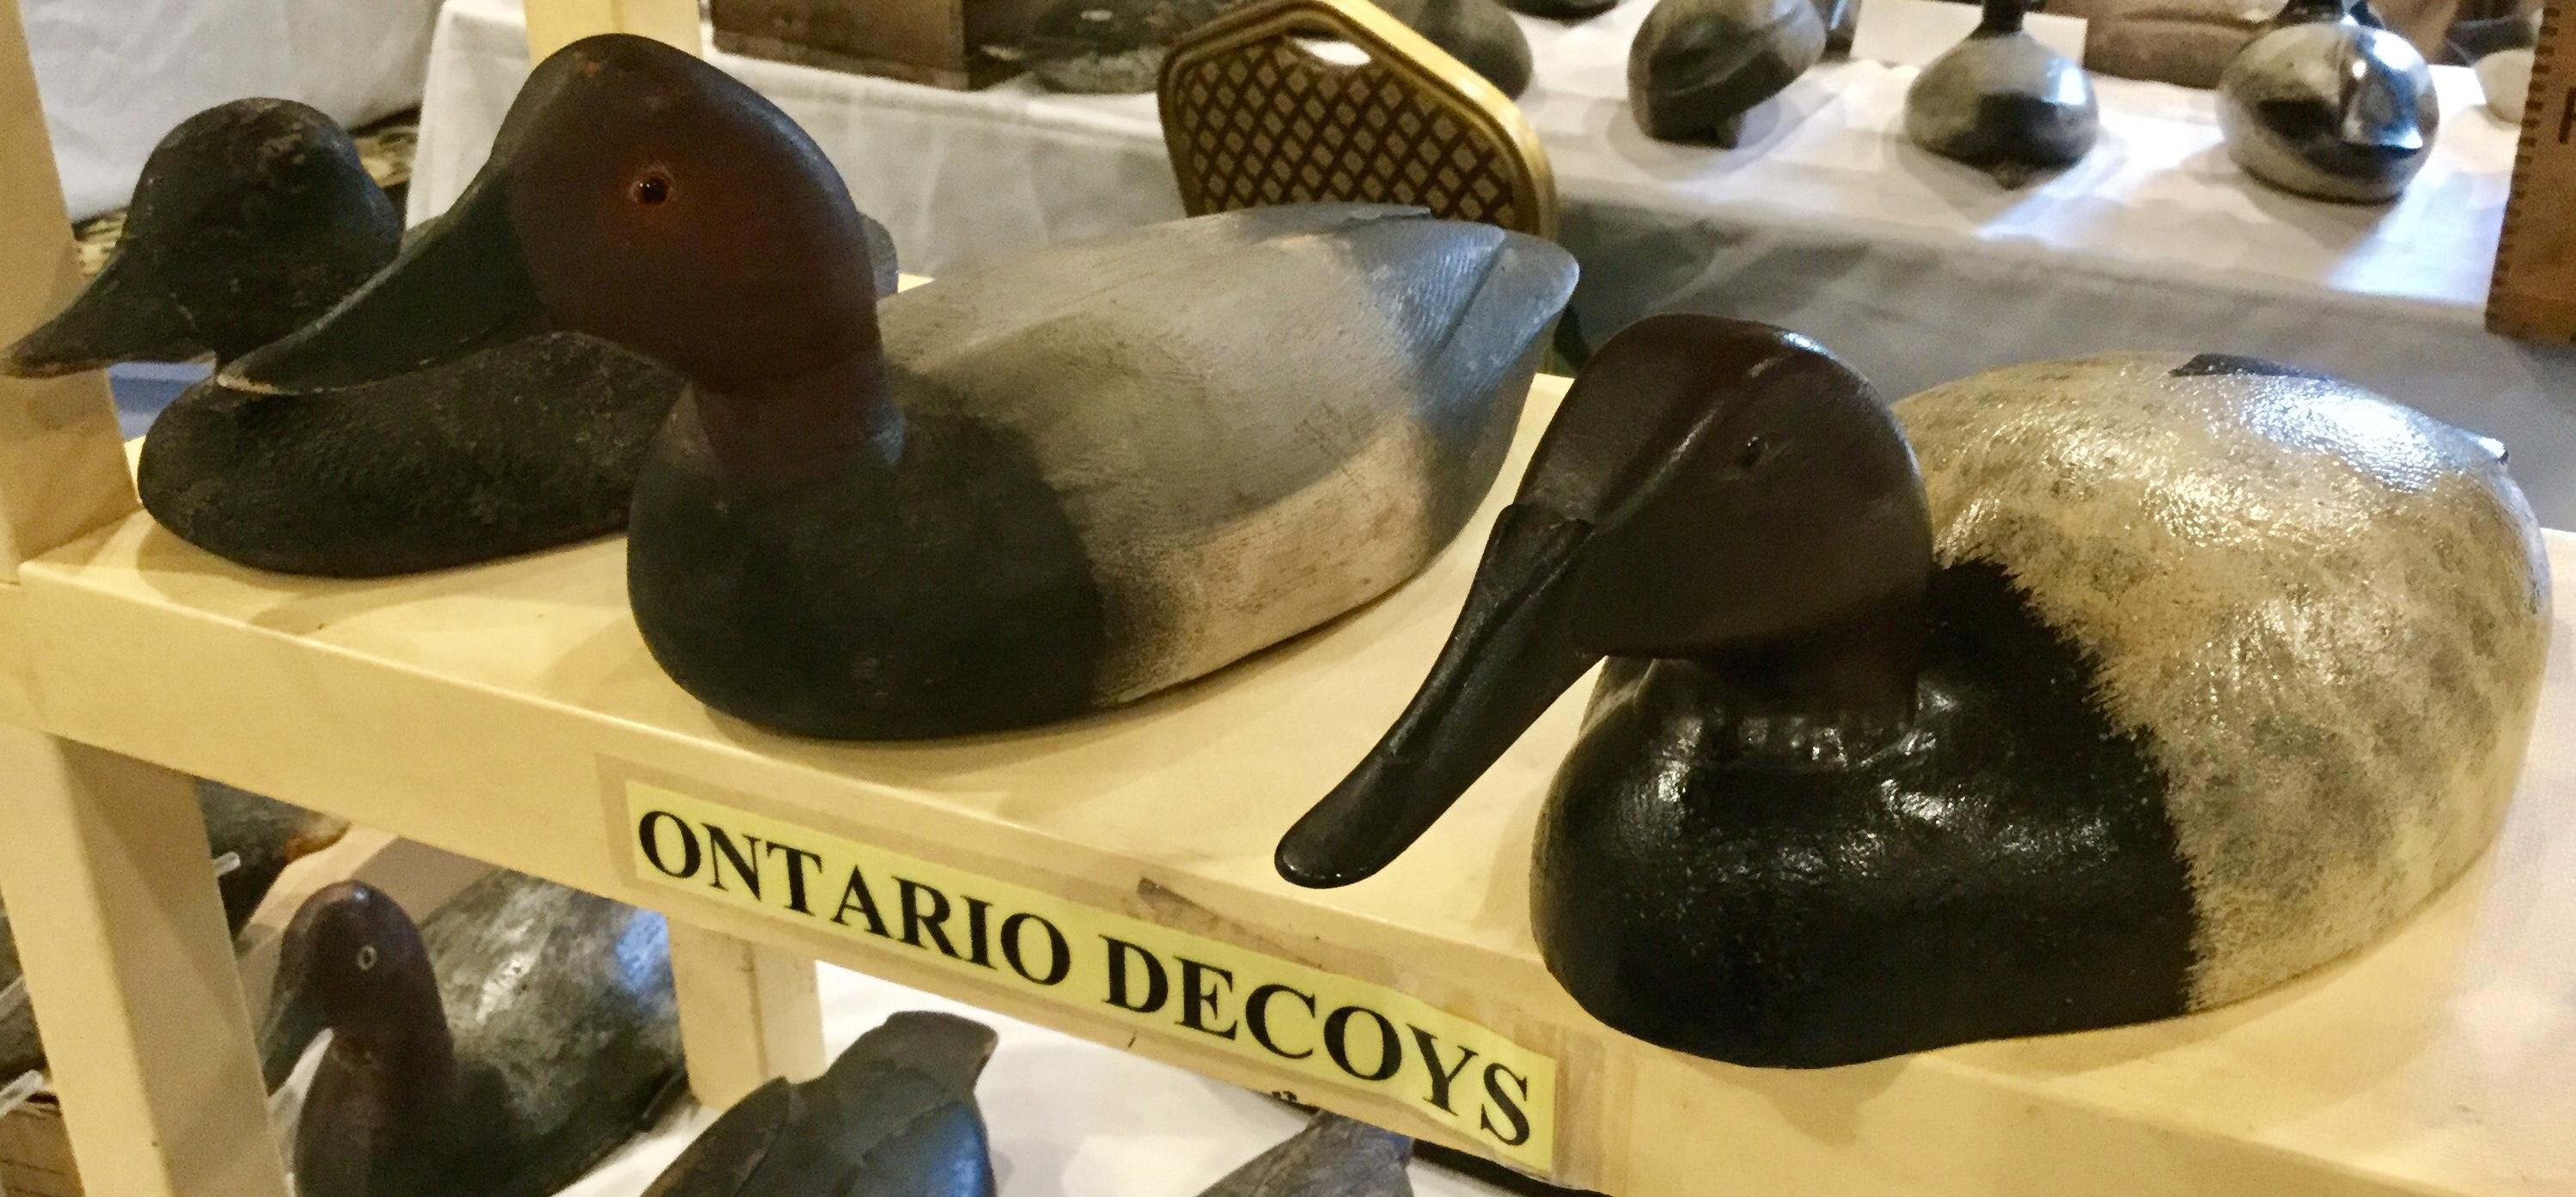 Ontario Decoys